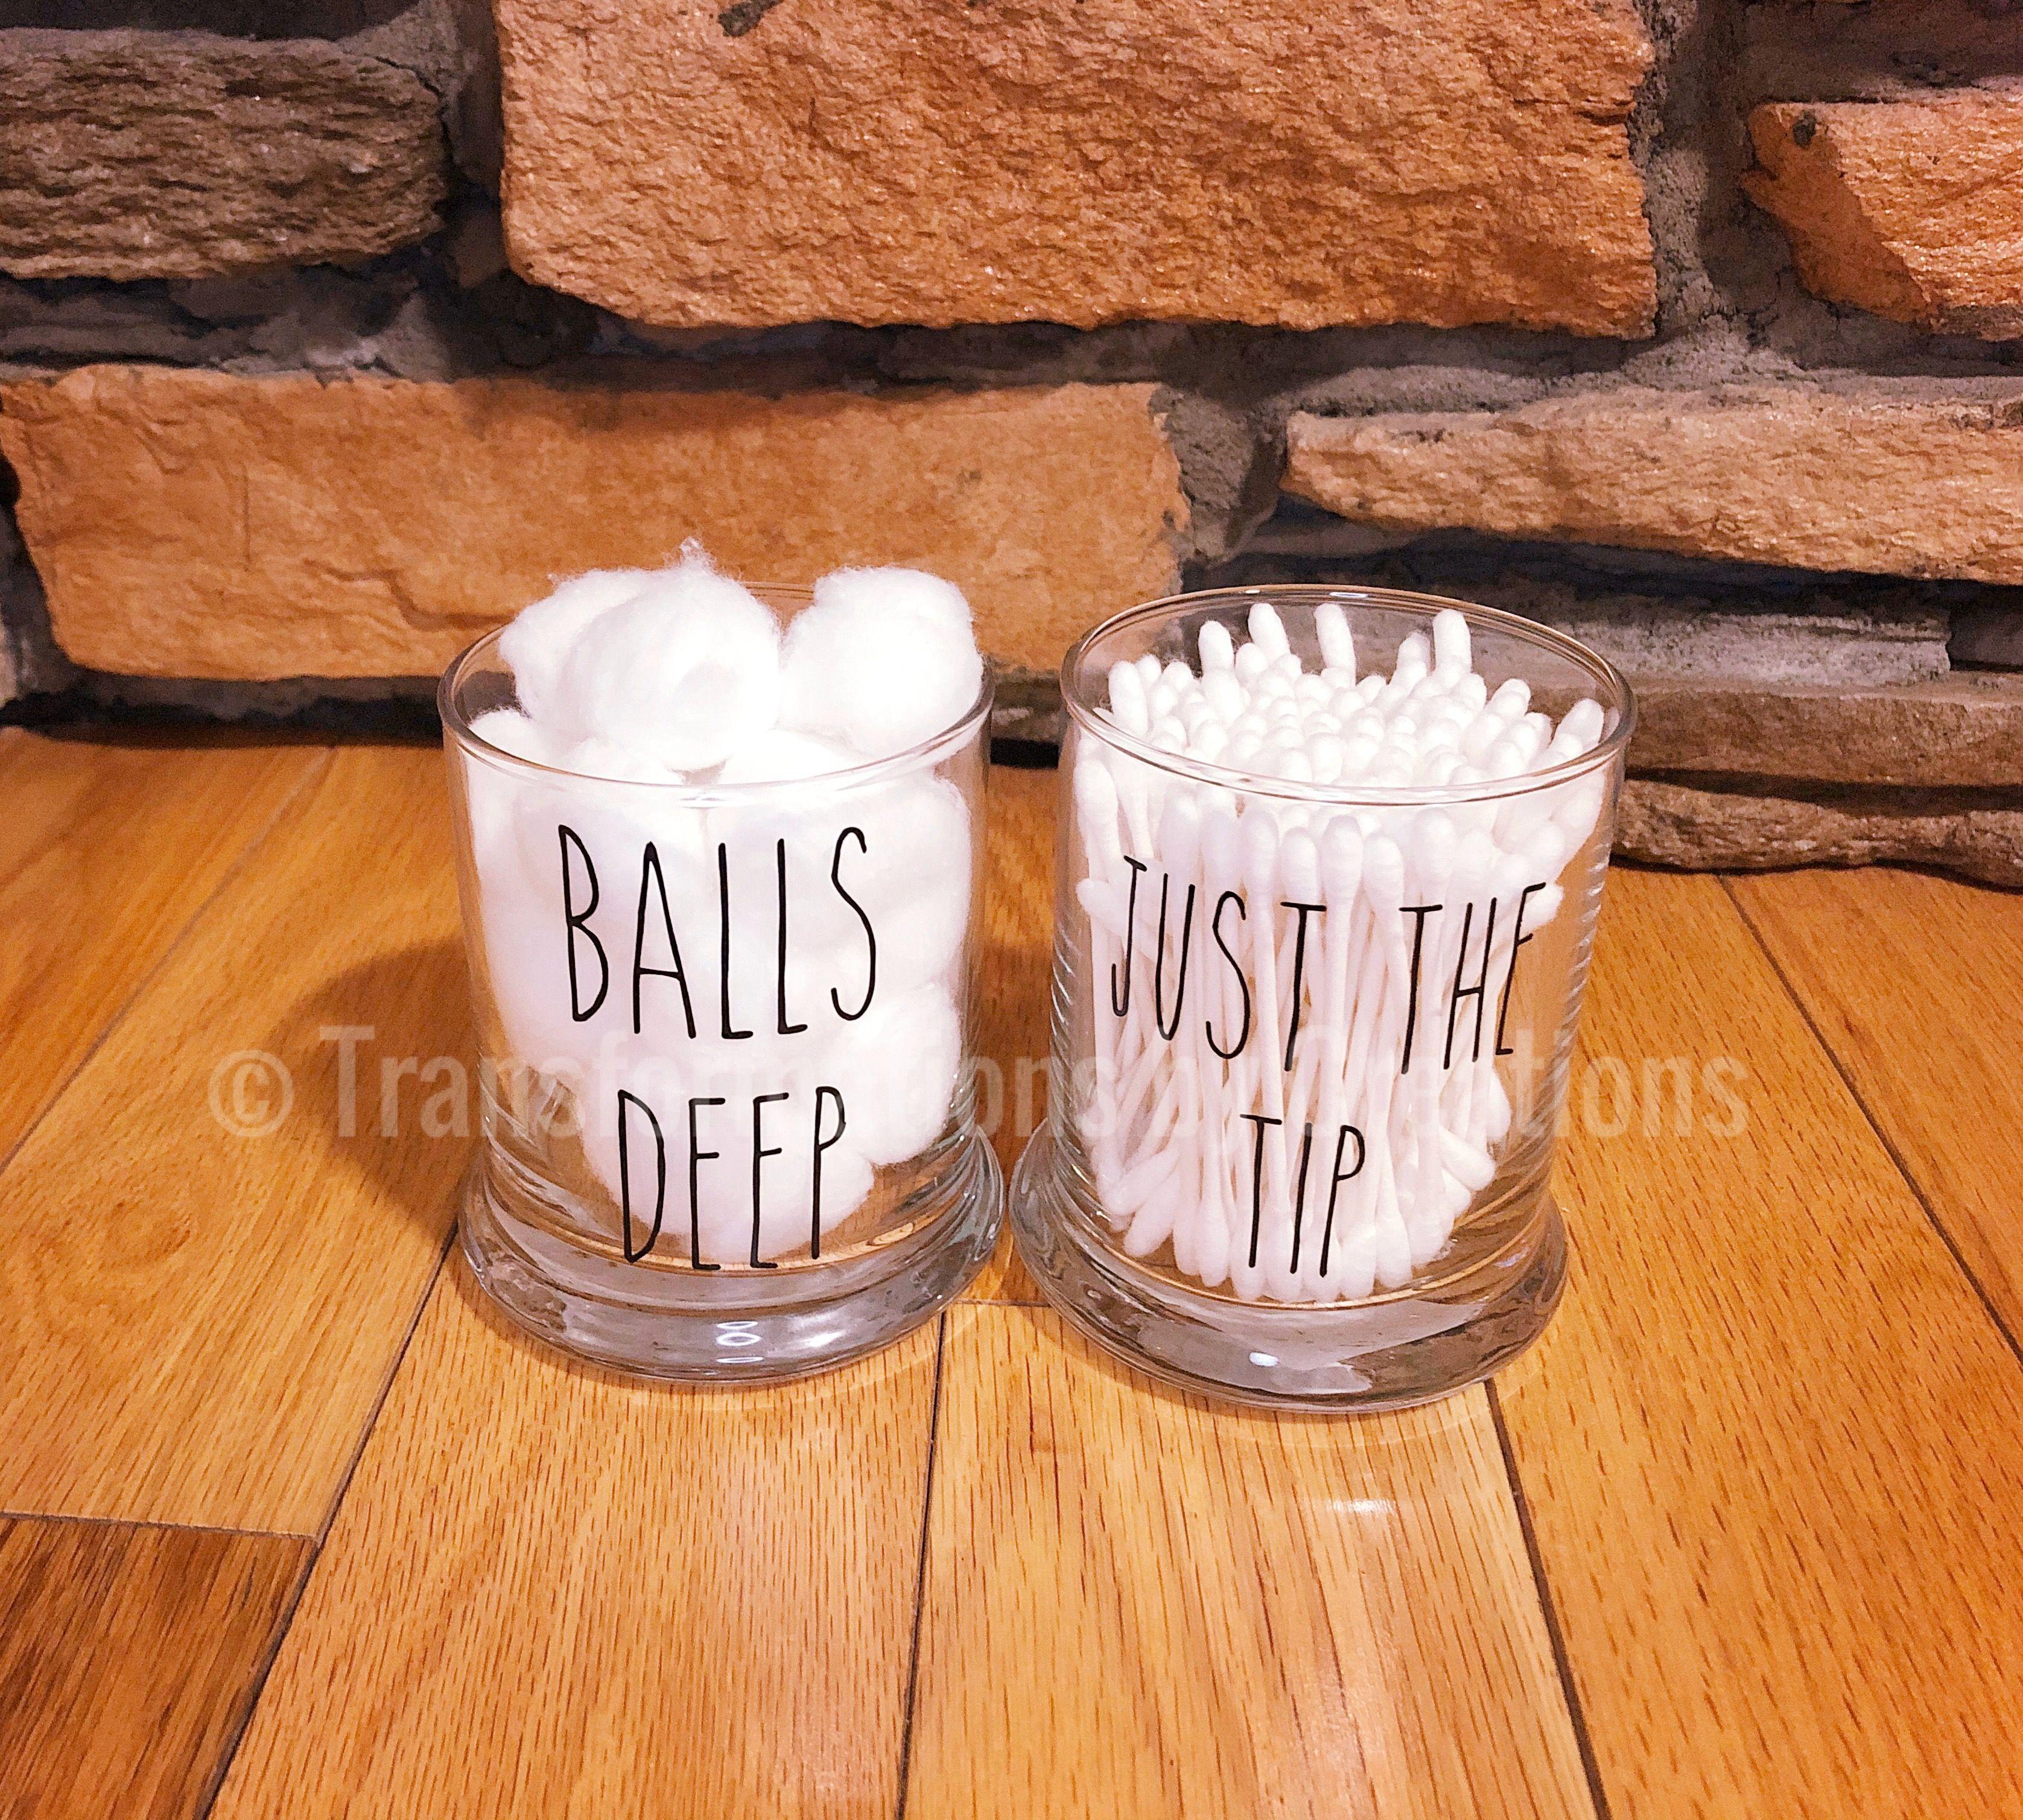 Bathroom Jars Storage In 2020 Cotton Ball Holder Q Tip Holder Beach Bathroom Decor Bathroom q tip holder